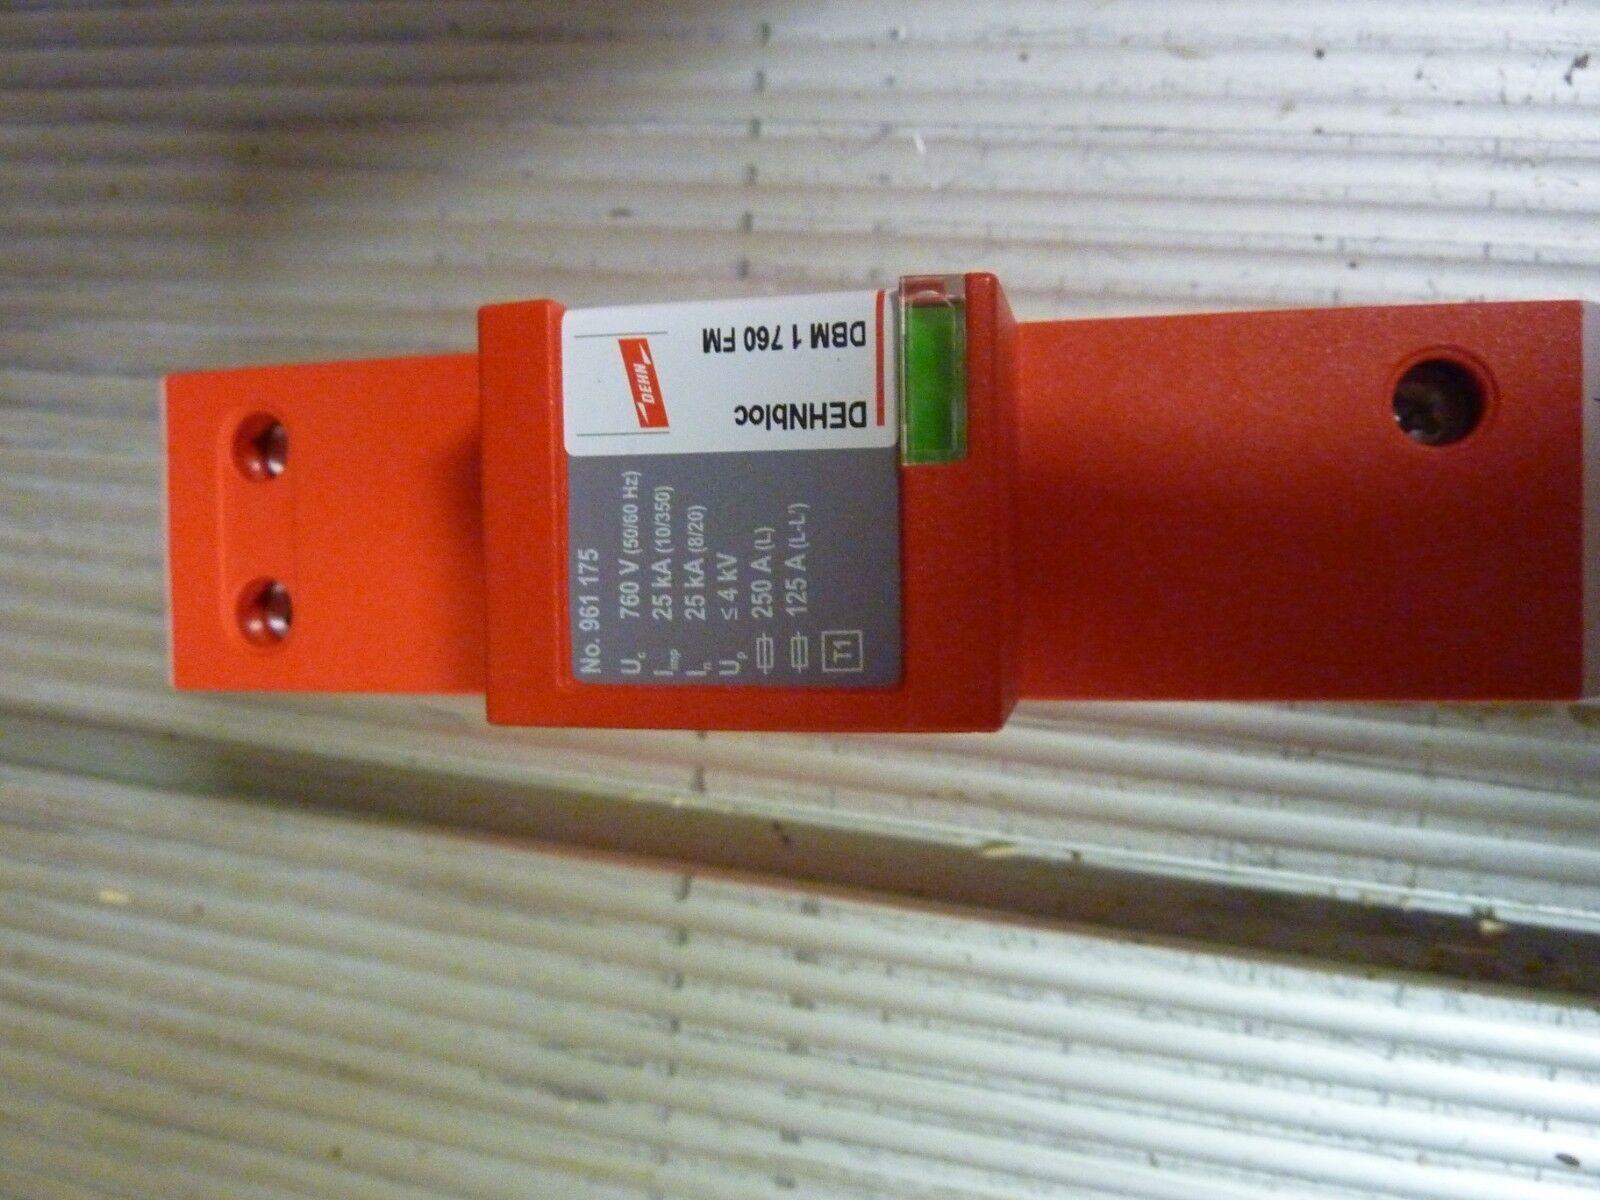 Dehn Blitzstrom Ableiter DBM 1 760 760 760 FM | Neues Design  2967aa